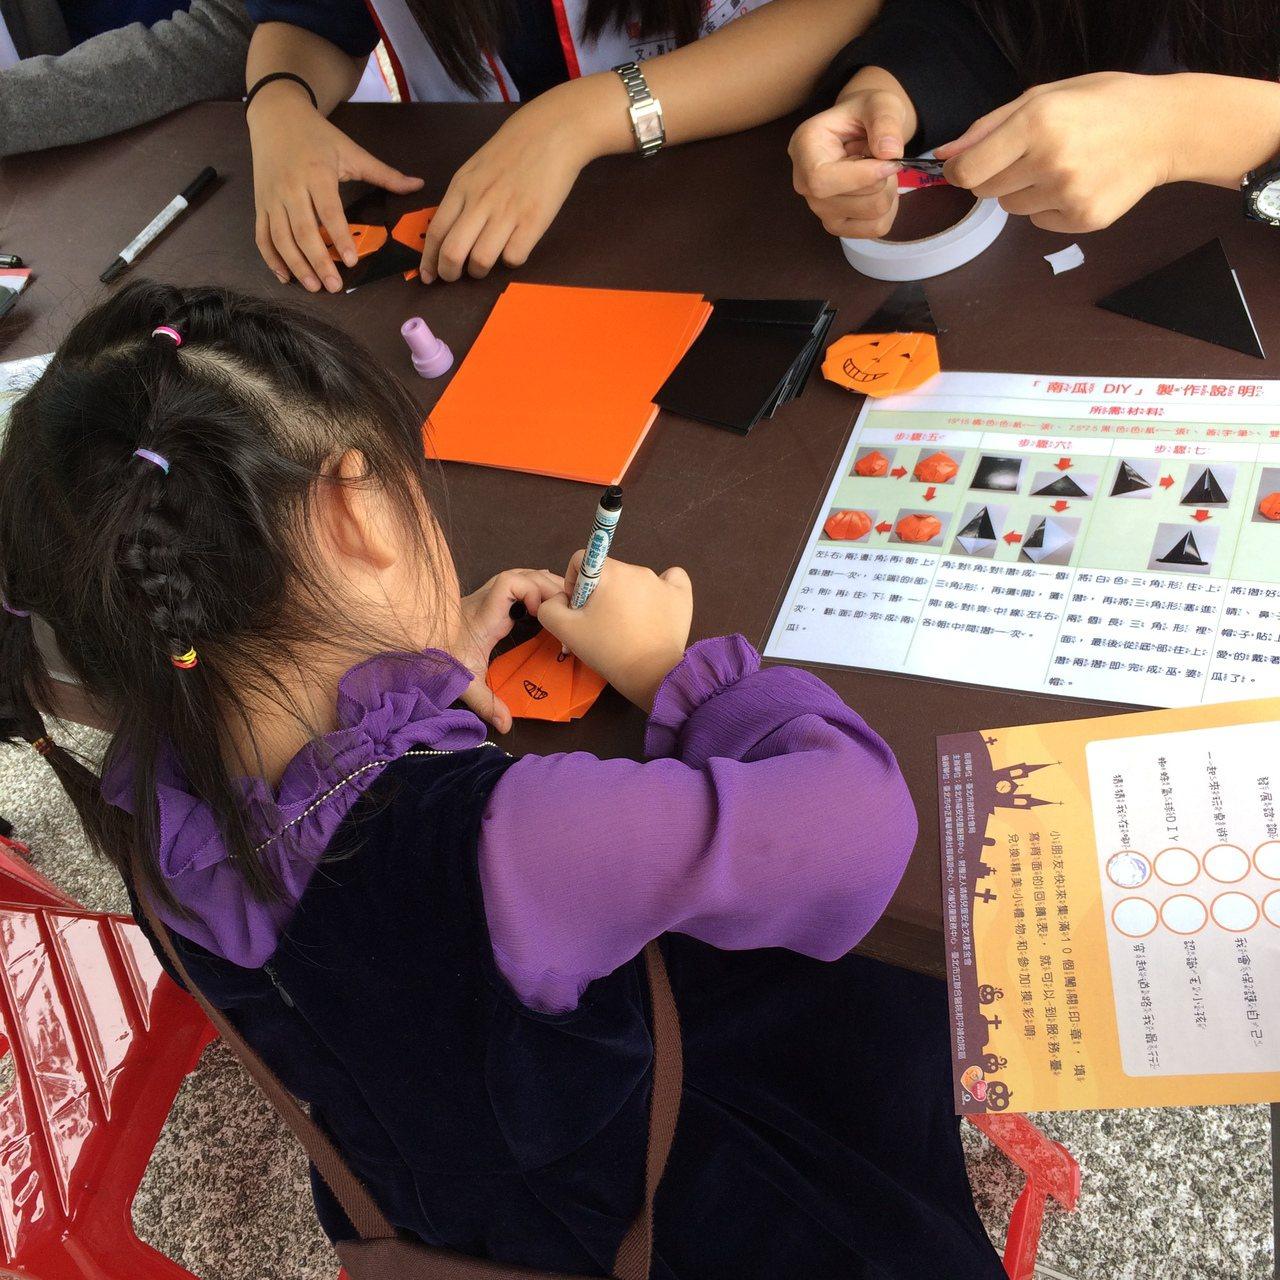 靖娟兒童安全文教基金會福安兒童服務中心,於今天舉辦萬聖節同歡活動,讓大小朋友一起...